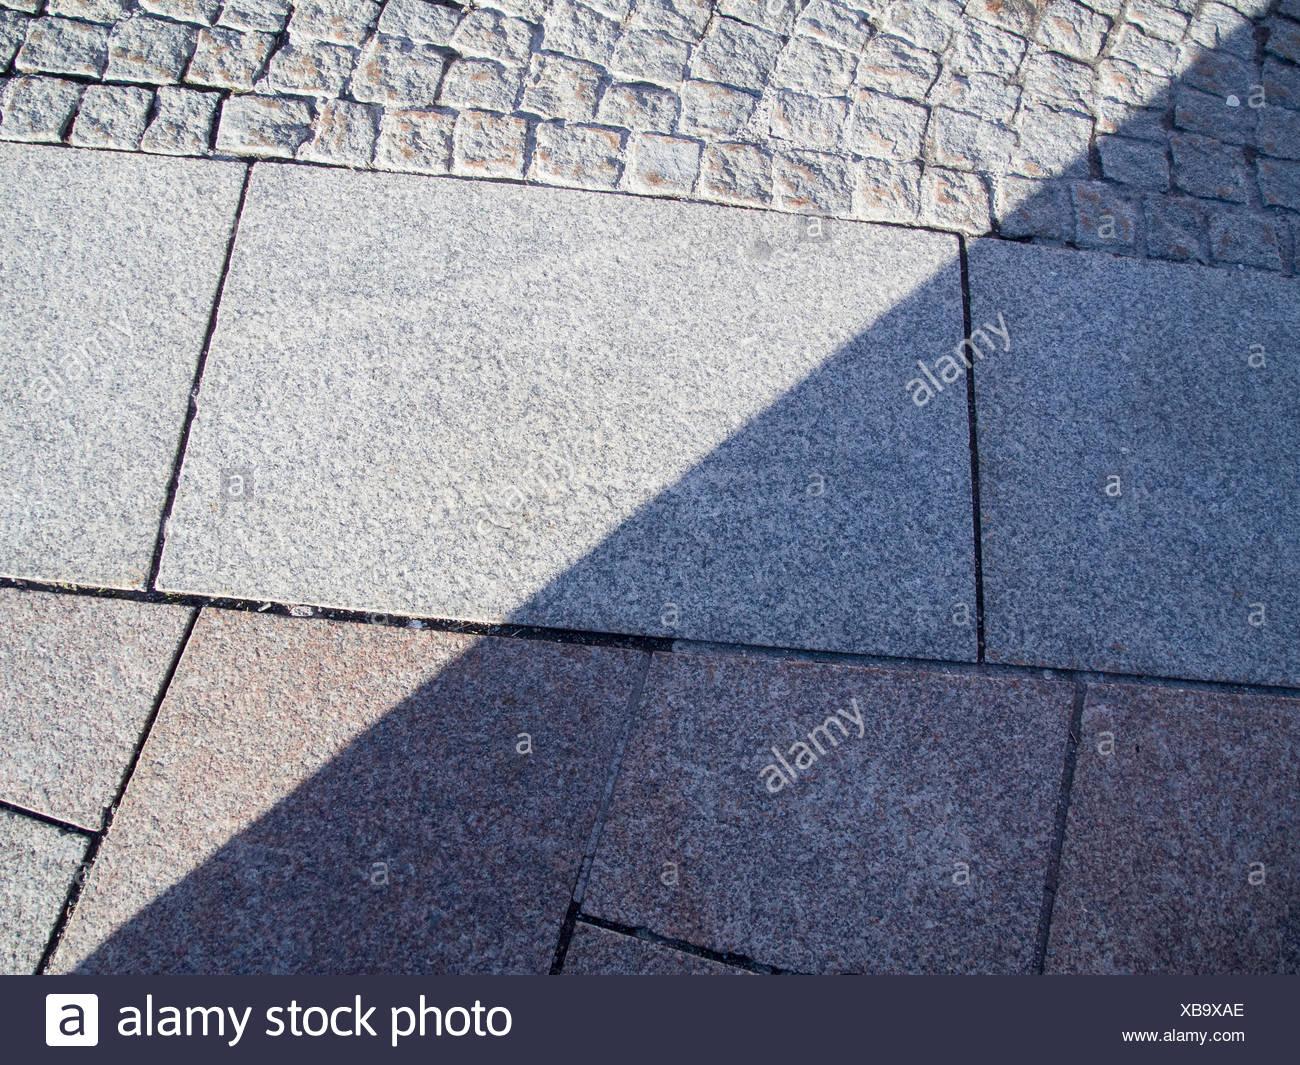 formatfüllende Ansicht verbauter unterschiedlicher Pflastersteine und Gehwegplatten mit teilenden Schatten - Stock Image